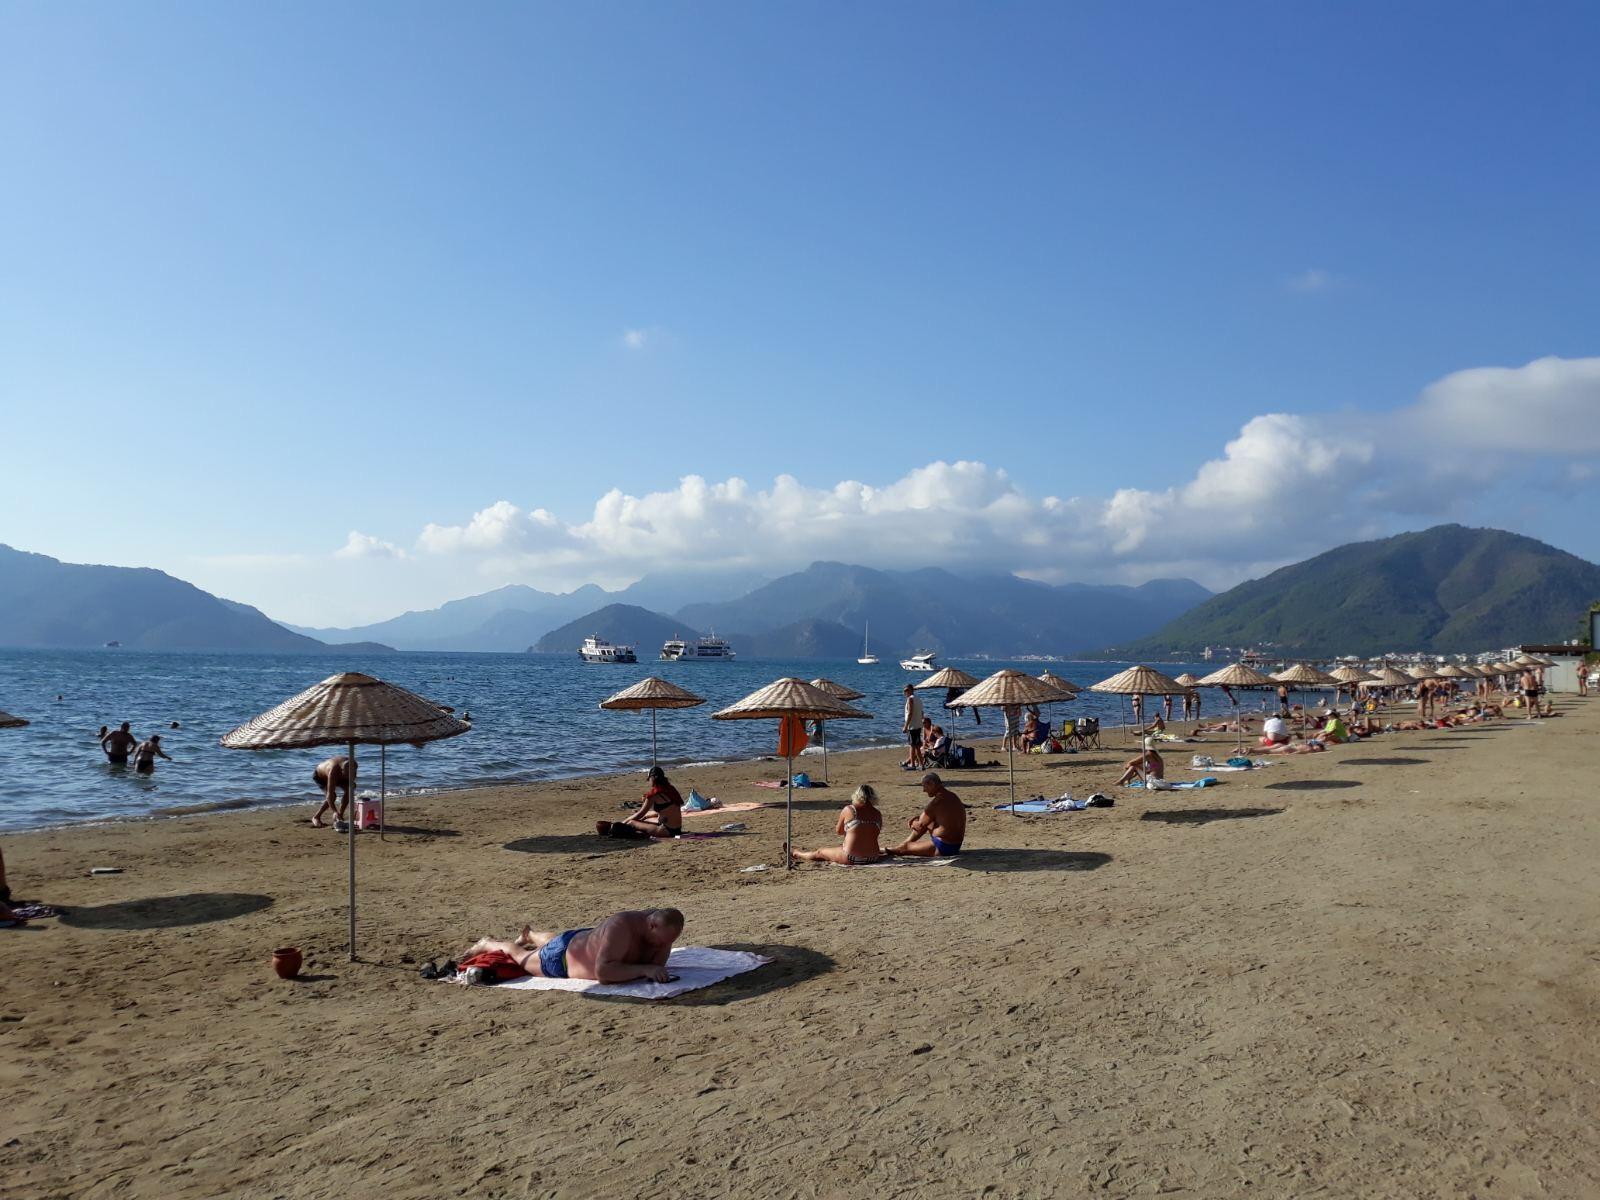 együttes kezelés a tengerparton)